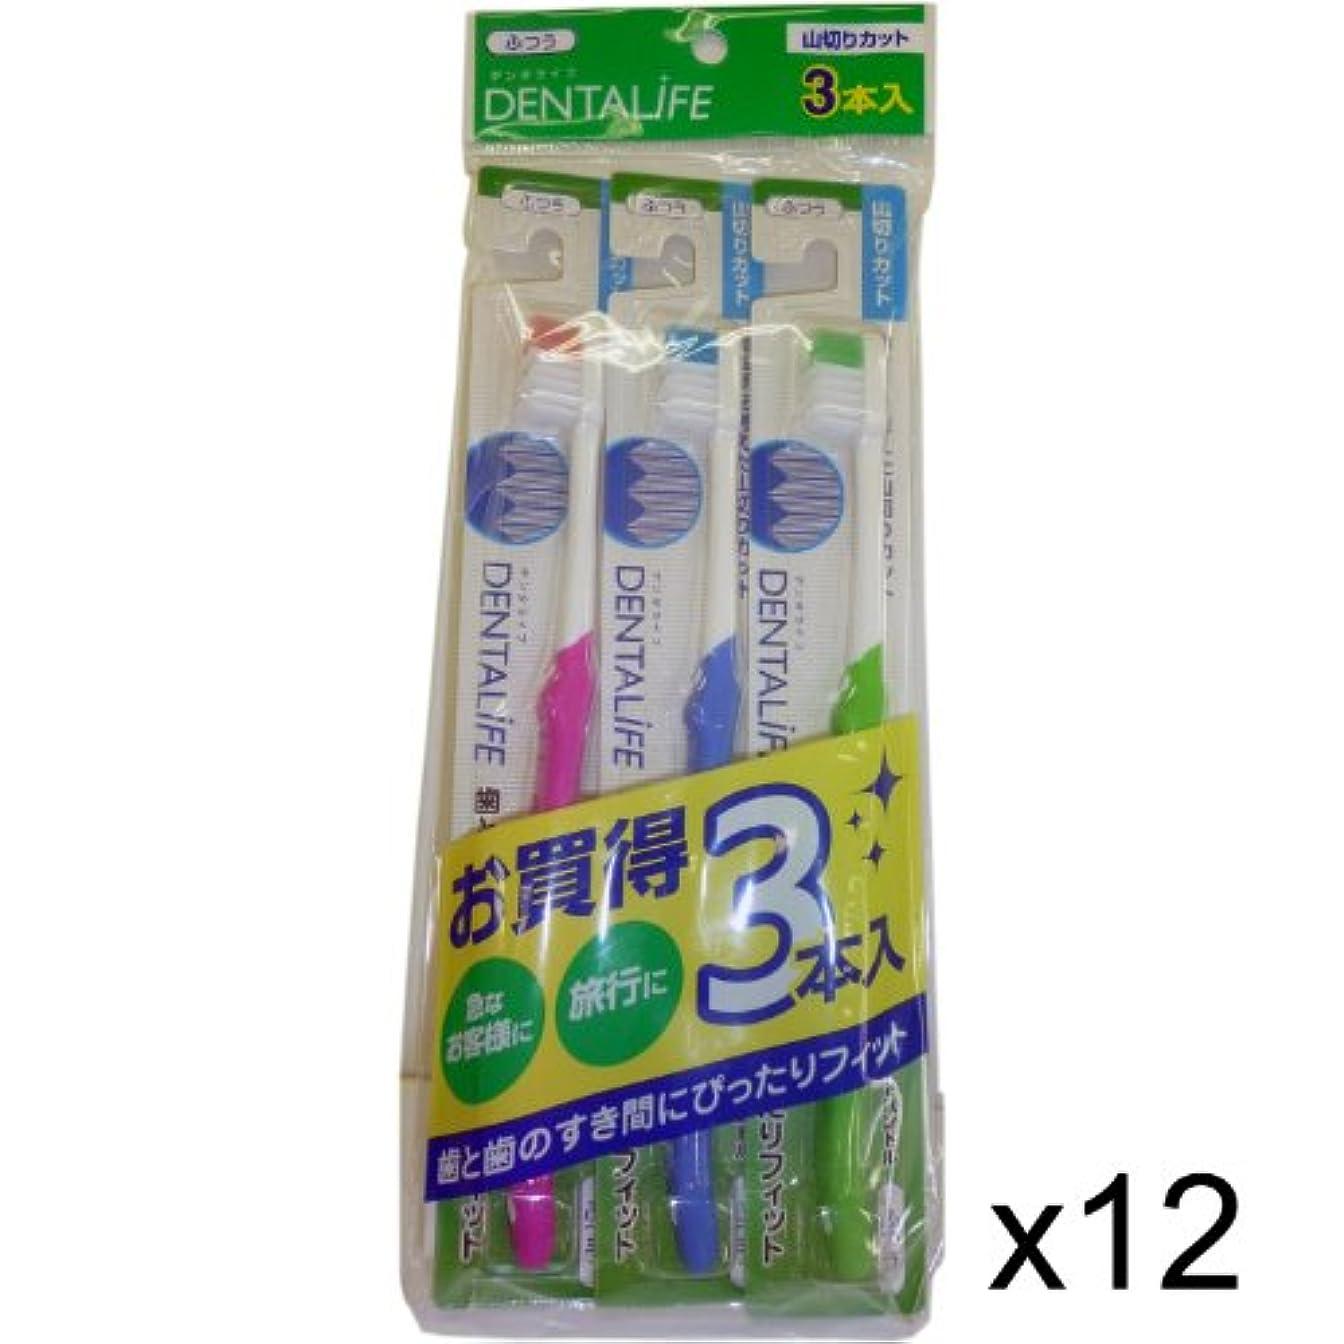 ヘルシー岸集めるお徳用 DELTALIFE(デンタライフ)山切り歯ブラシ ふつう 3P×12ヶセット(36本)